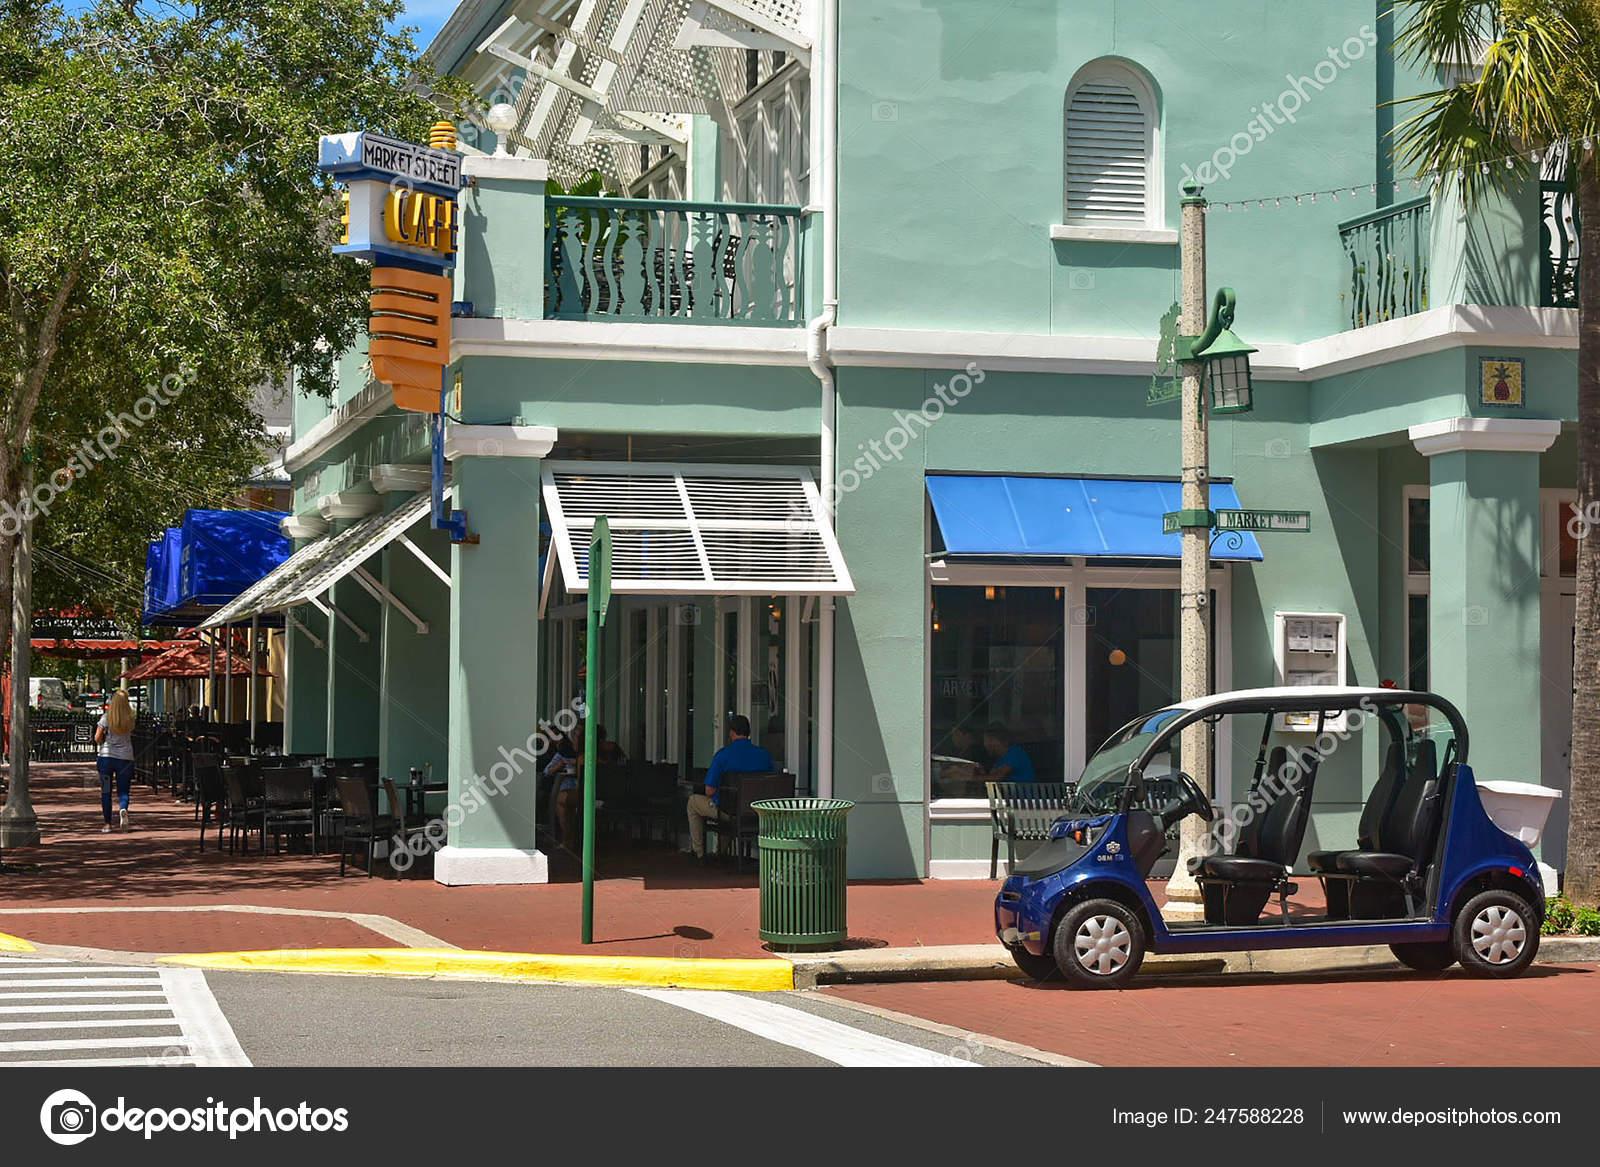 Orlando Florida January 2019 Market Street Cafe Style